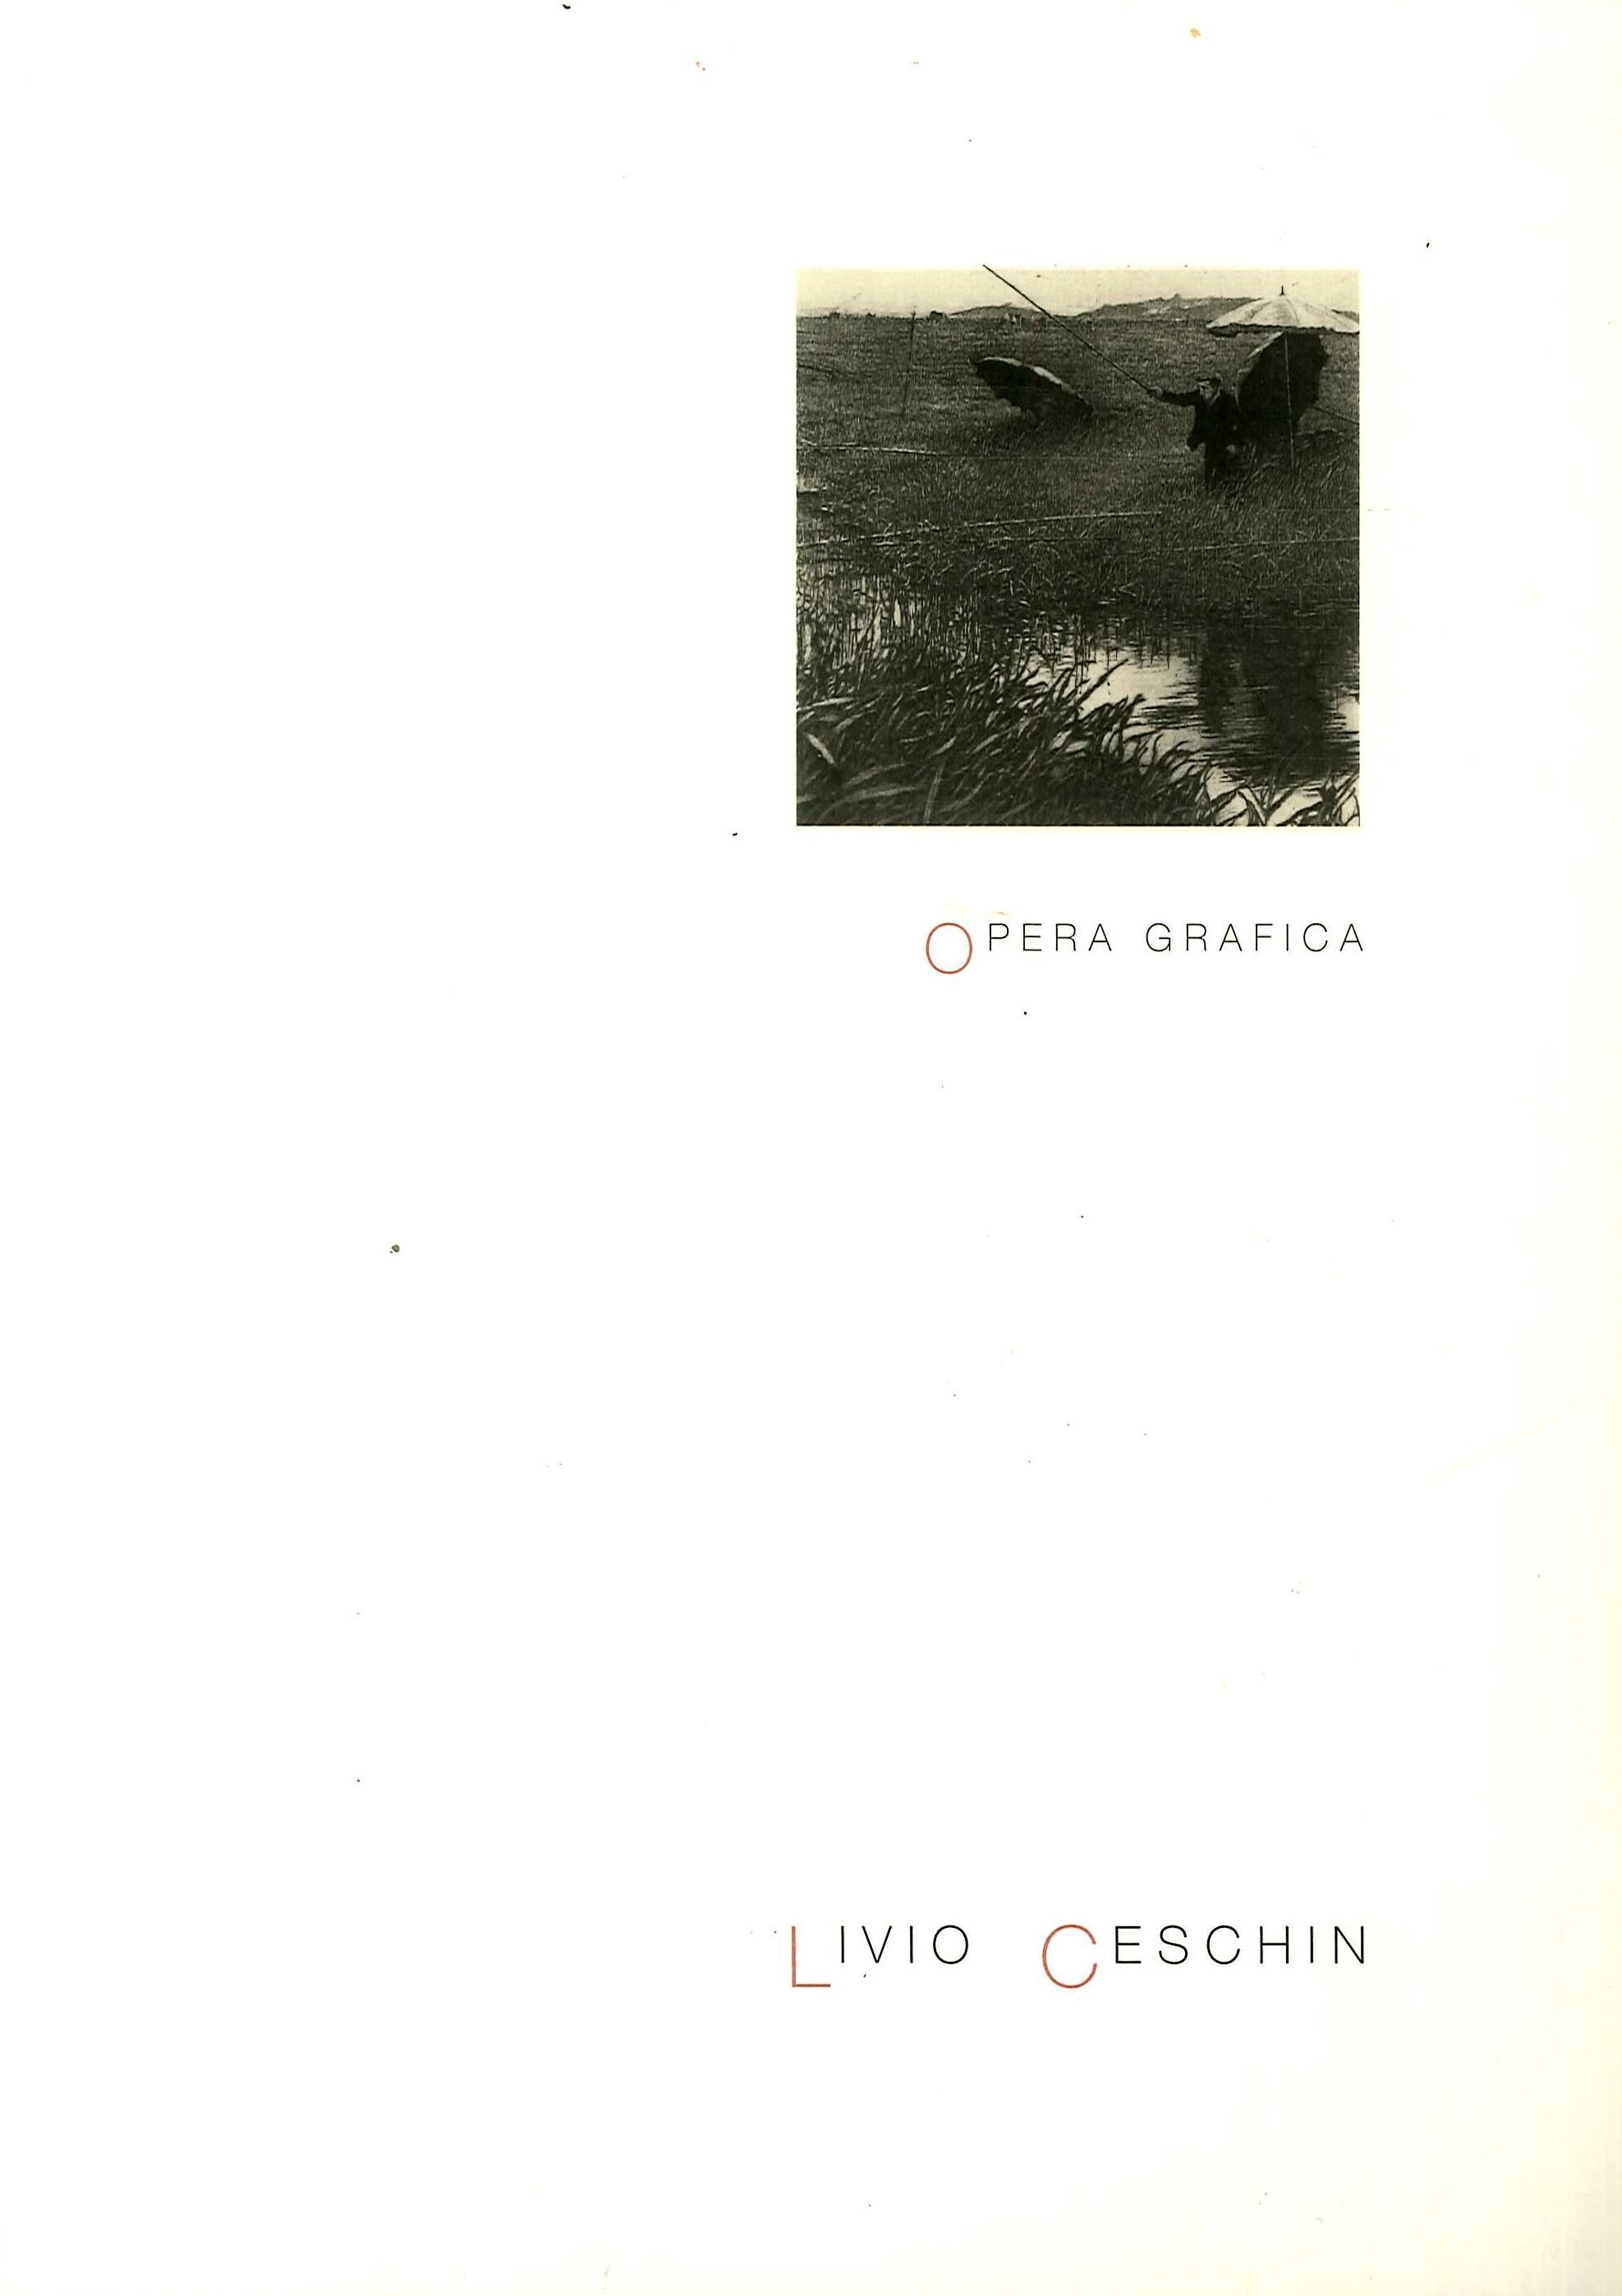 Livio Ceschin. Opera grafica